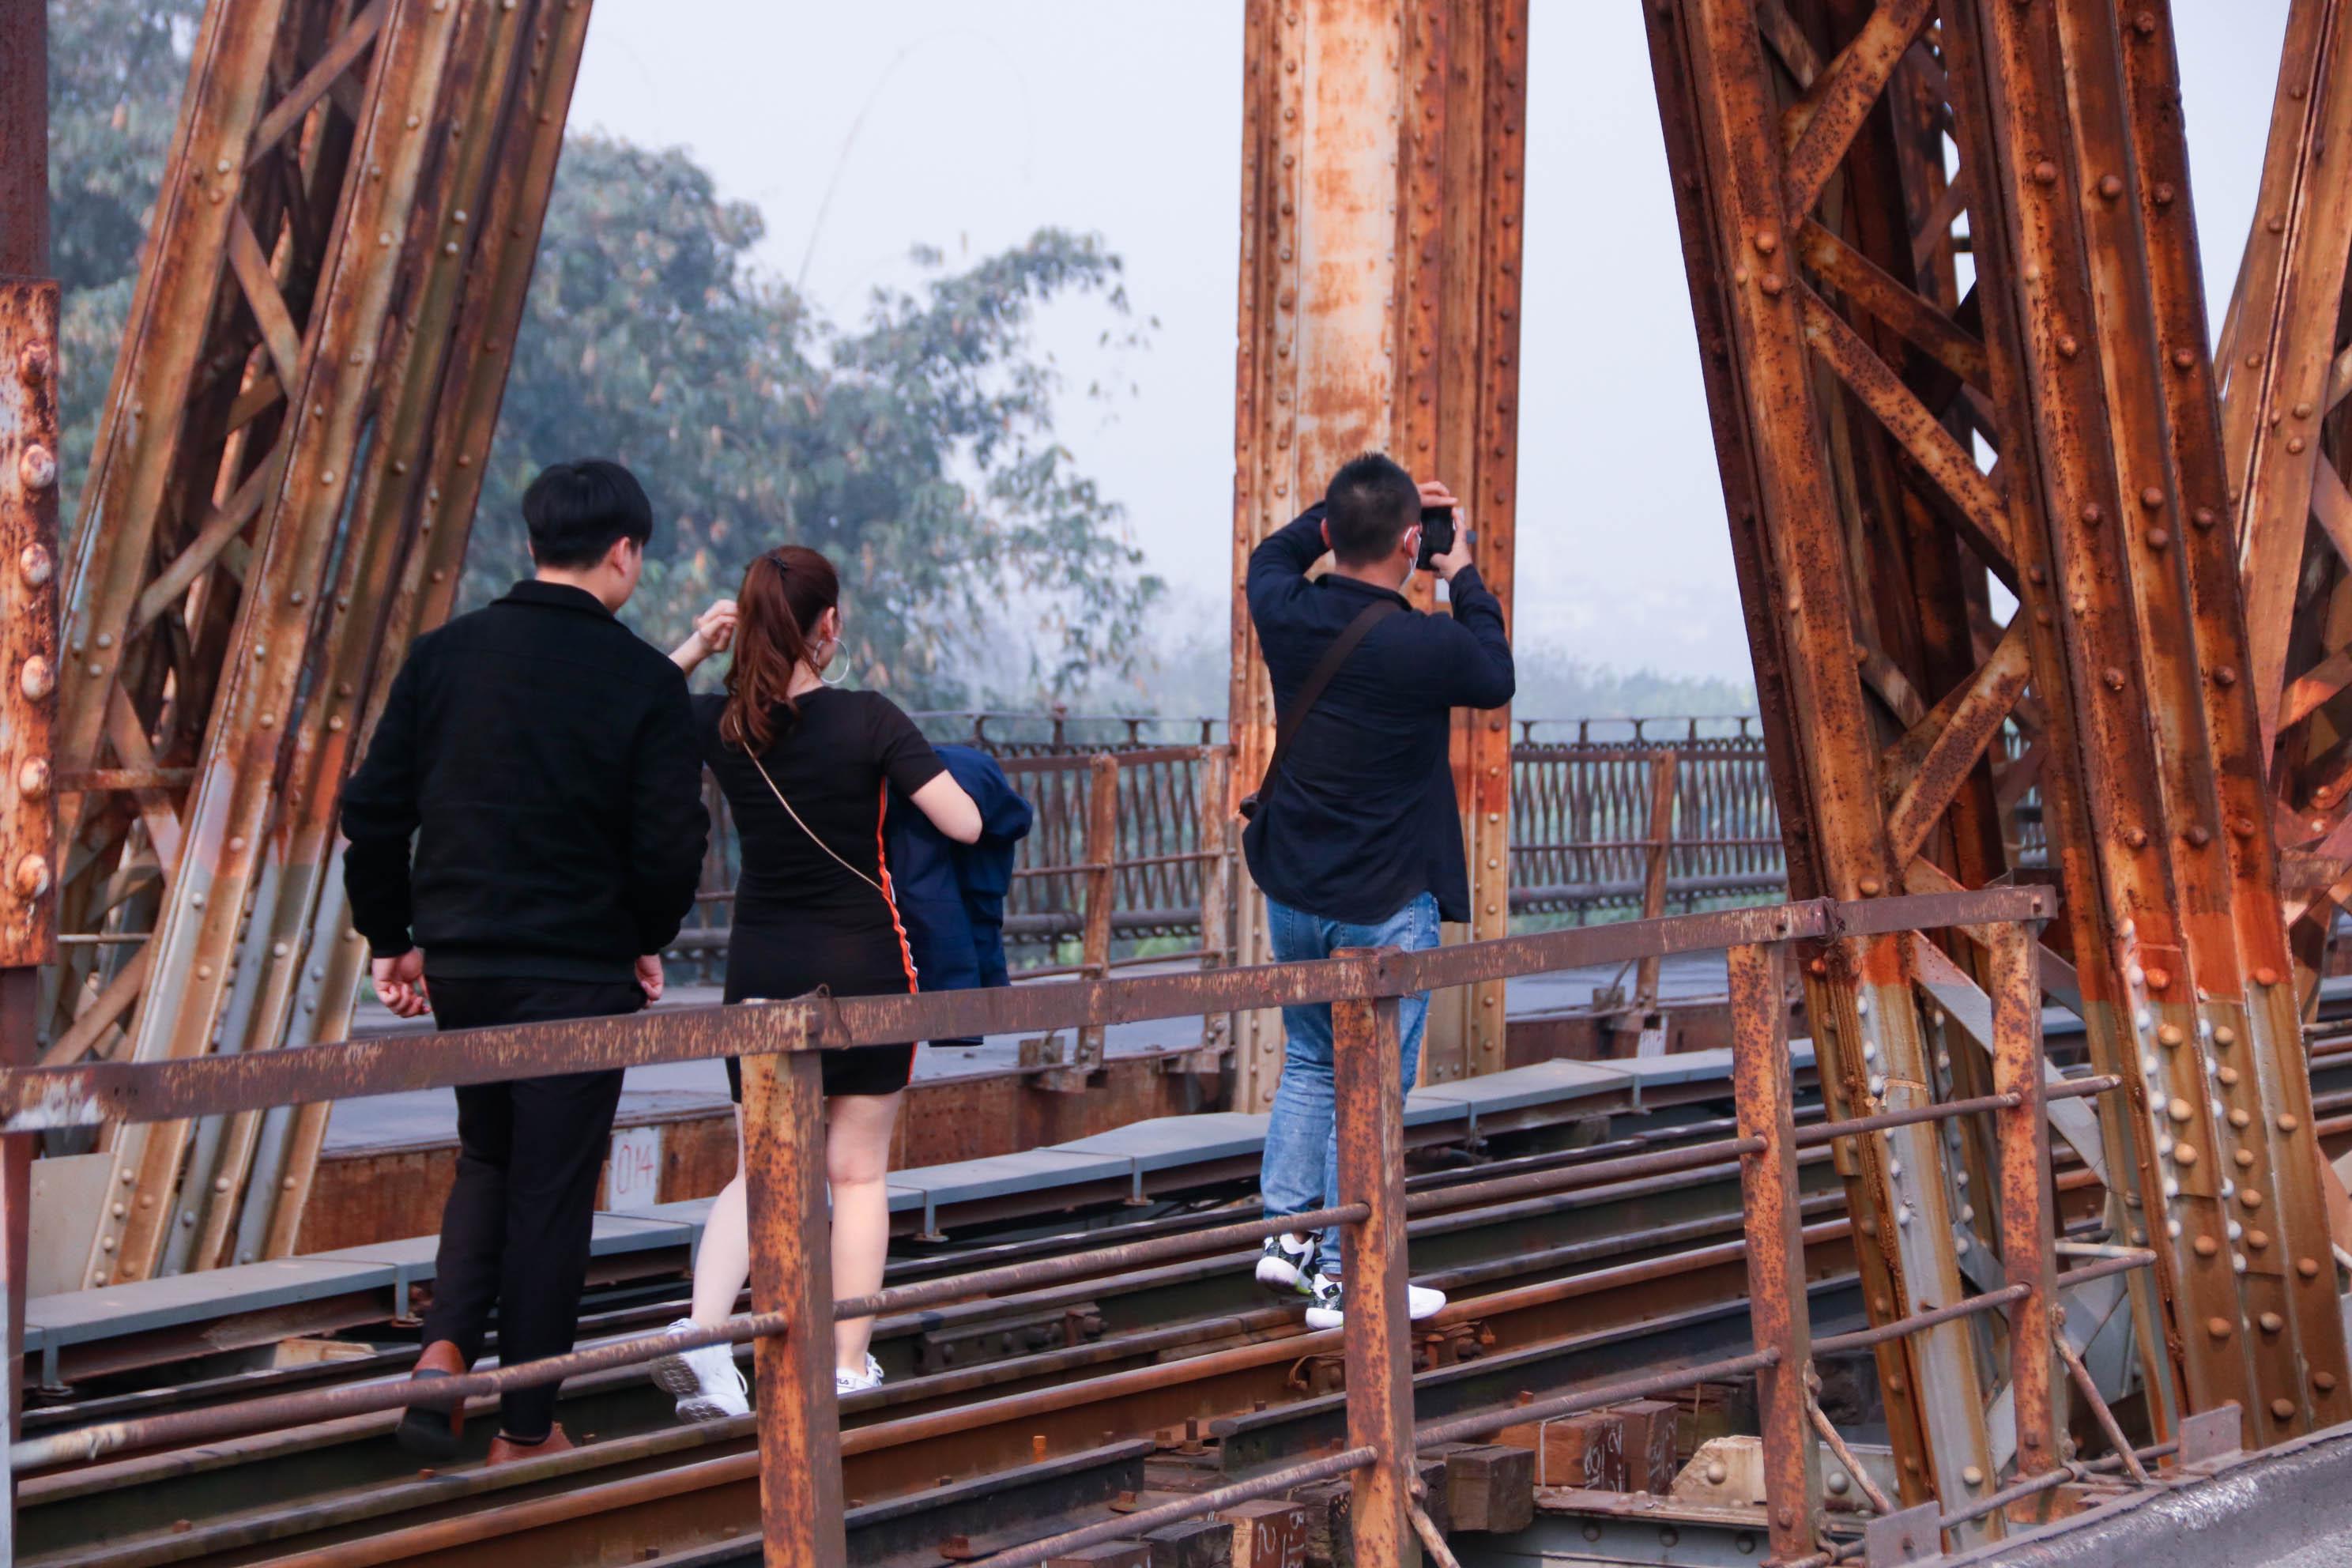 Cầu Long Biên xuống cấp đến không ngờ, mặt đường bị cày xới khiến người dân đi lại gặp nhiều khó khăn - Ảnh 7.